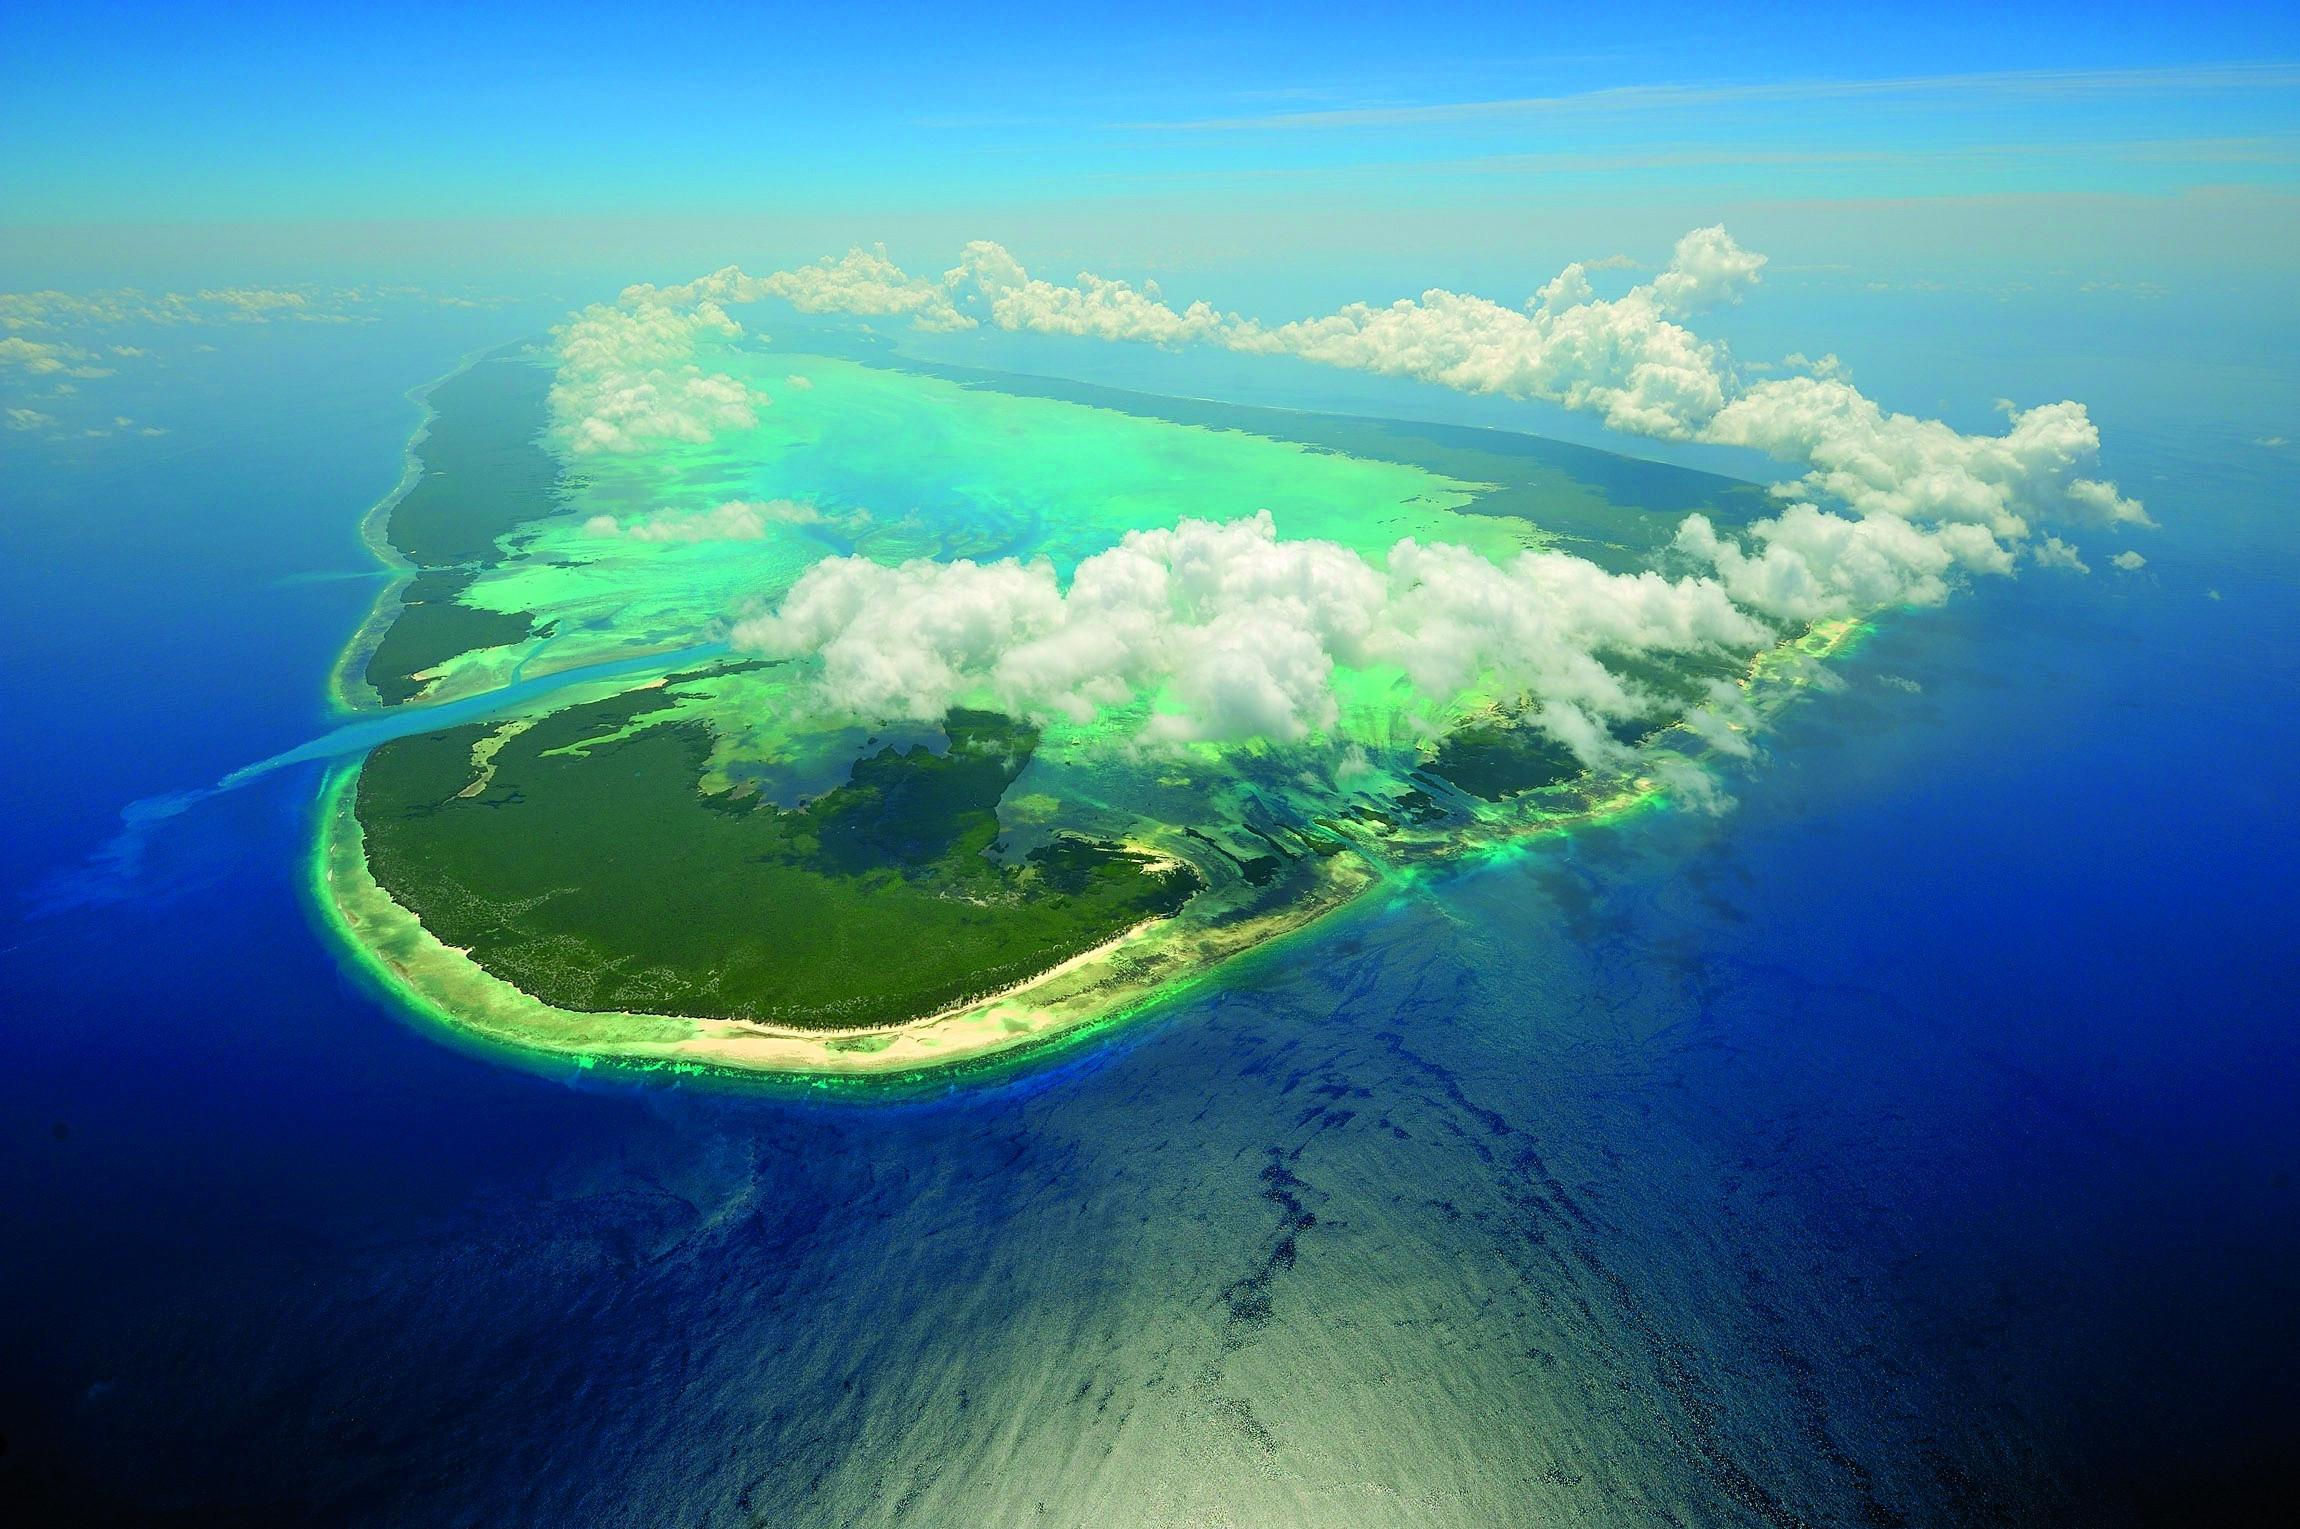 Marakei Island Aerial View